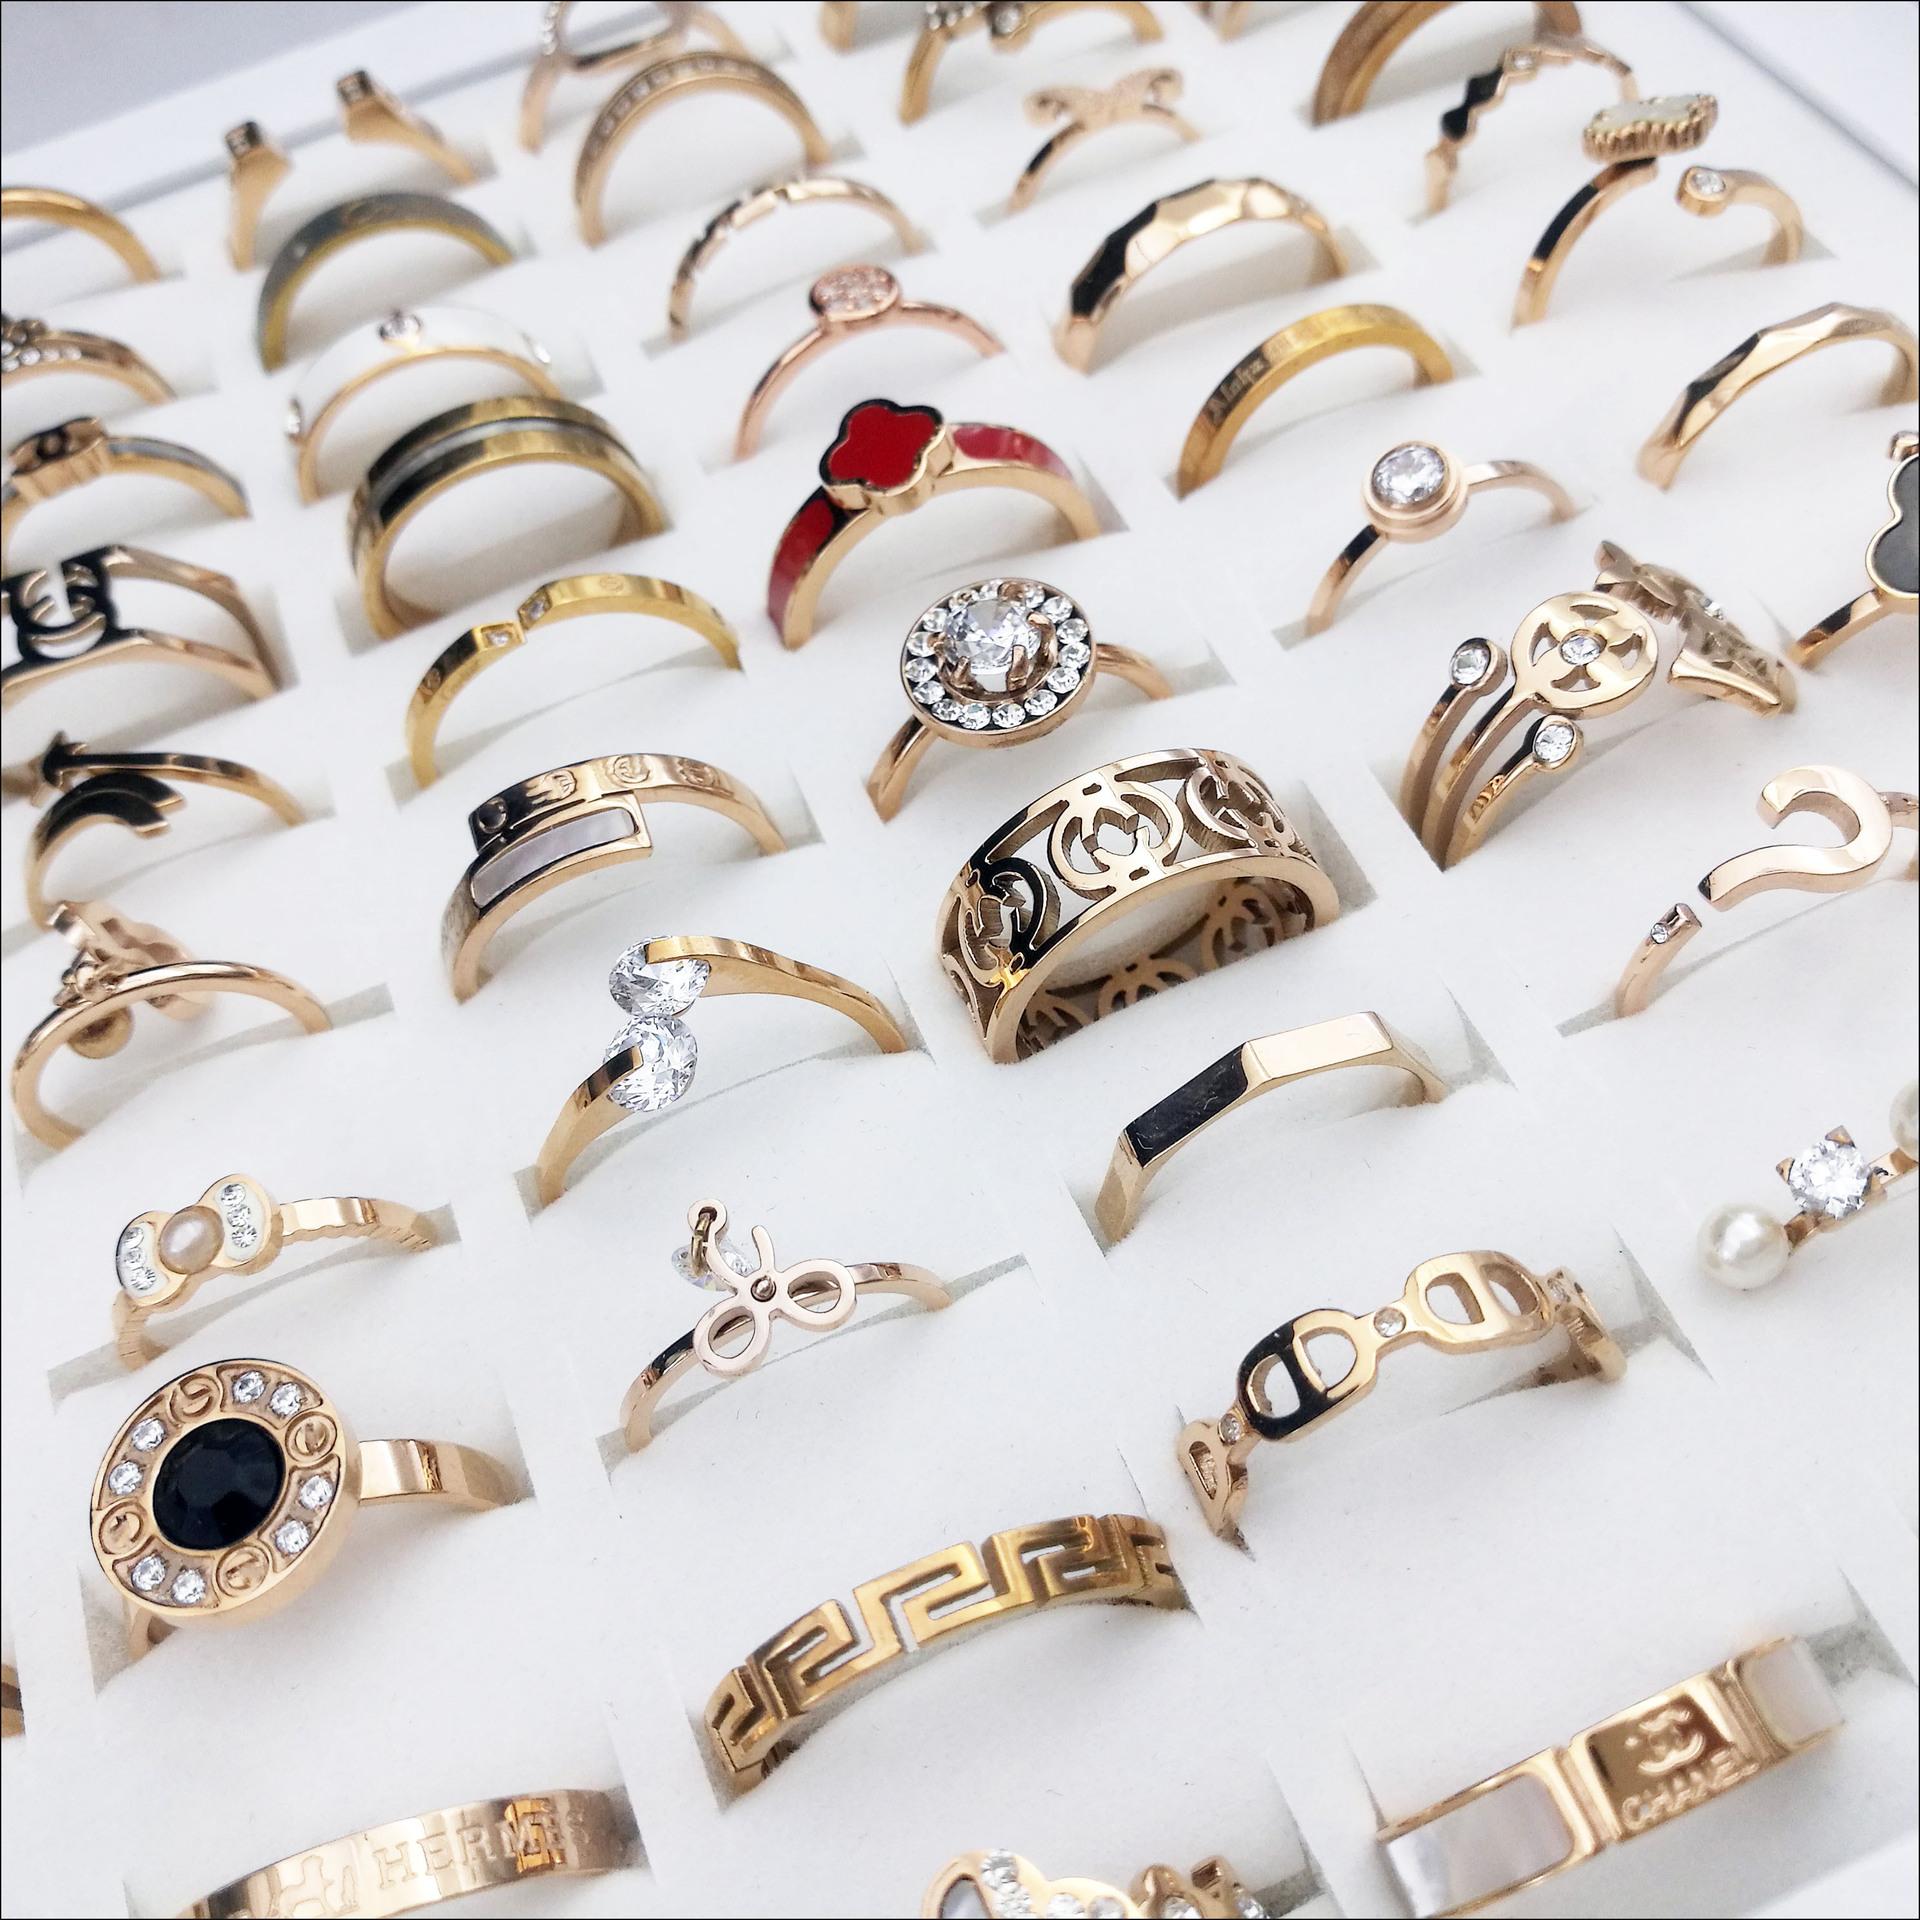 欧美精品 玫瑰金锆石戒指 Ebay速卖通 地摊 热卖高档女士钛钢指环